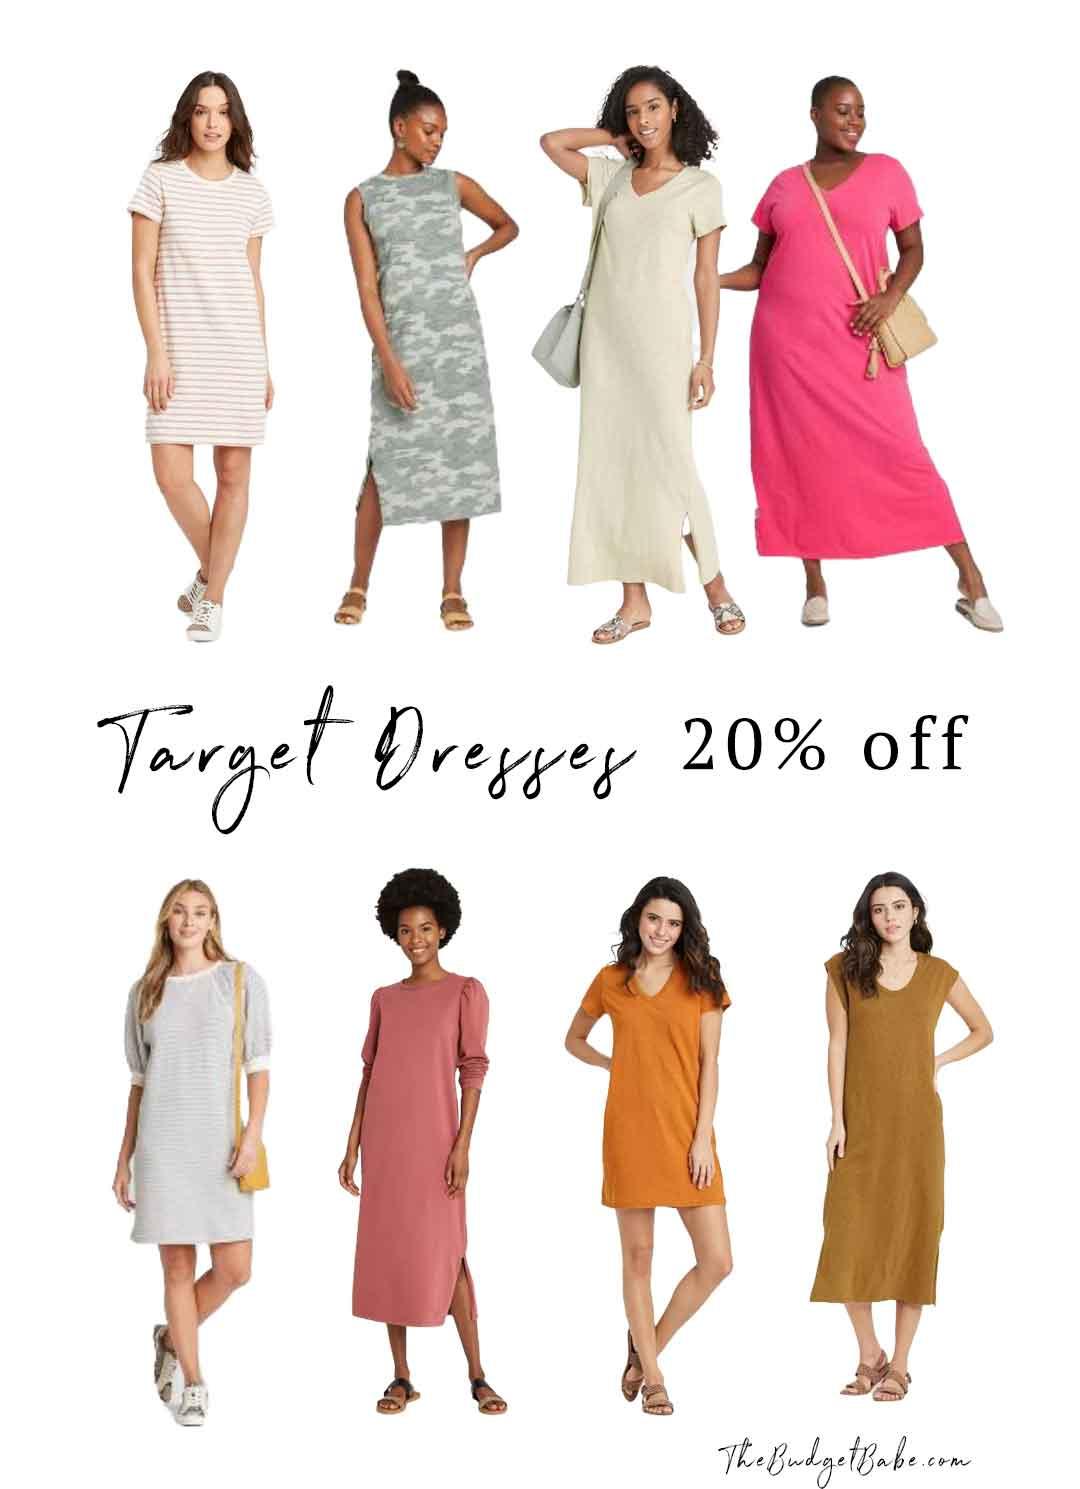 Target Dresses on Sale!